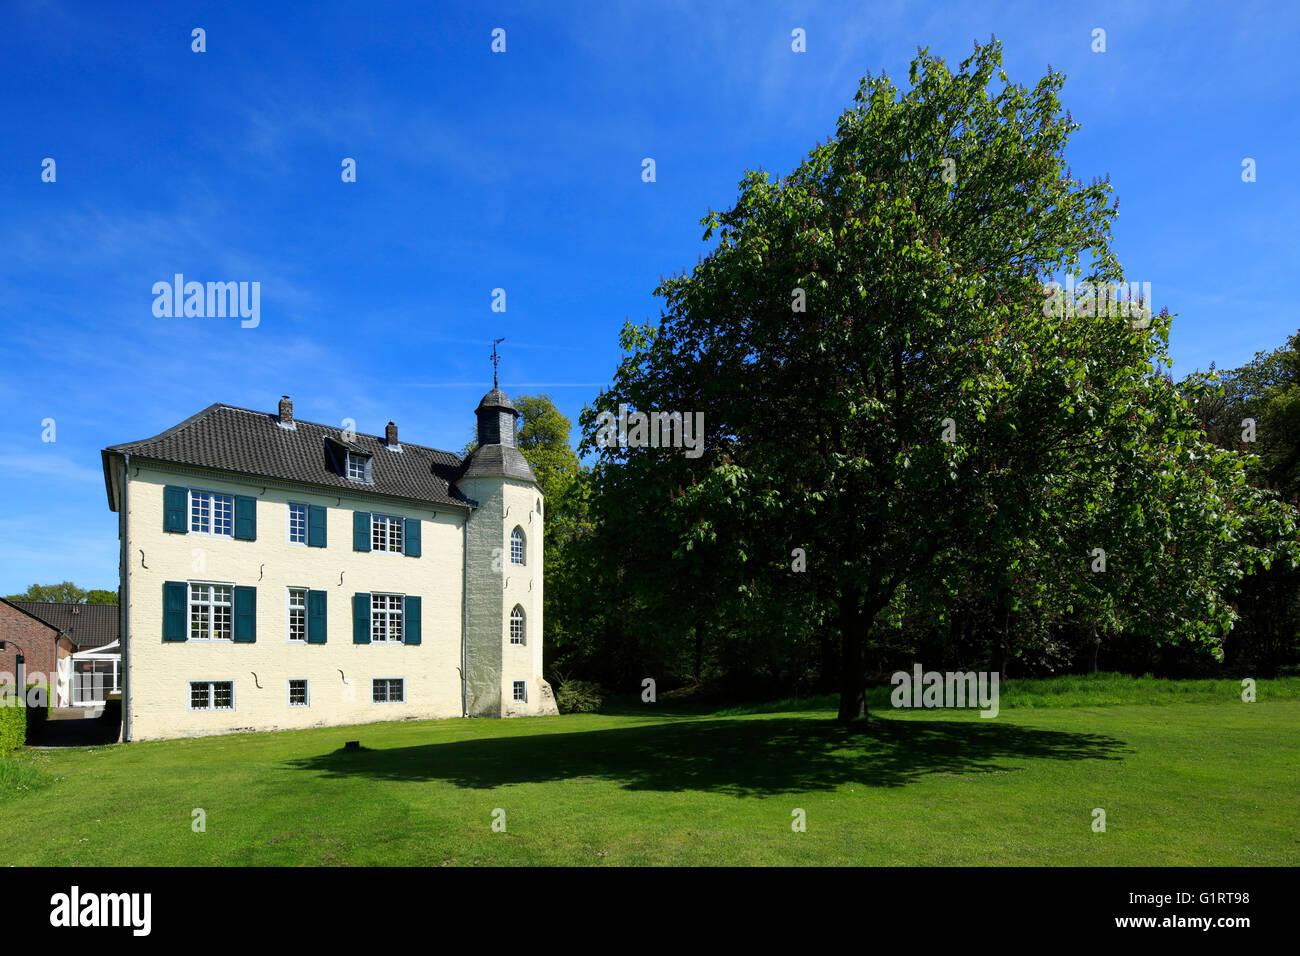 Haus Bey Ehemals Rittergut Hofanlage Und Schaesberger Rentamt